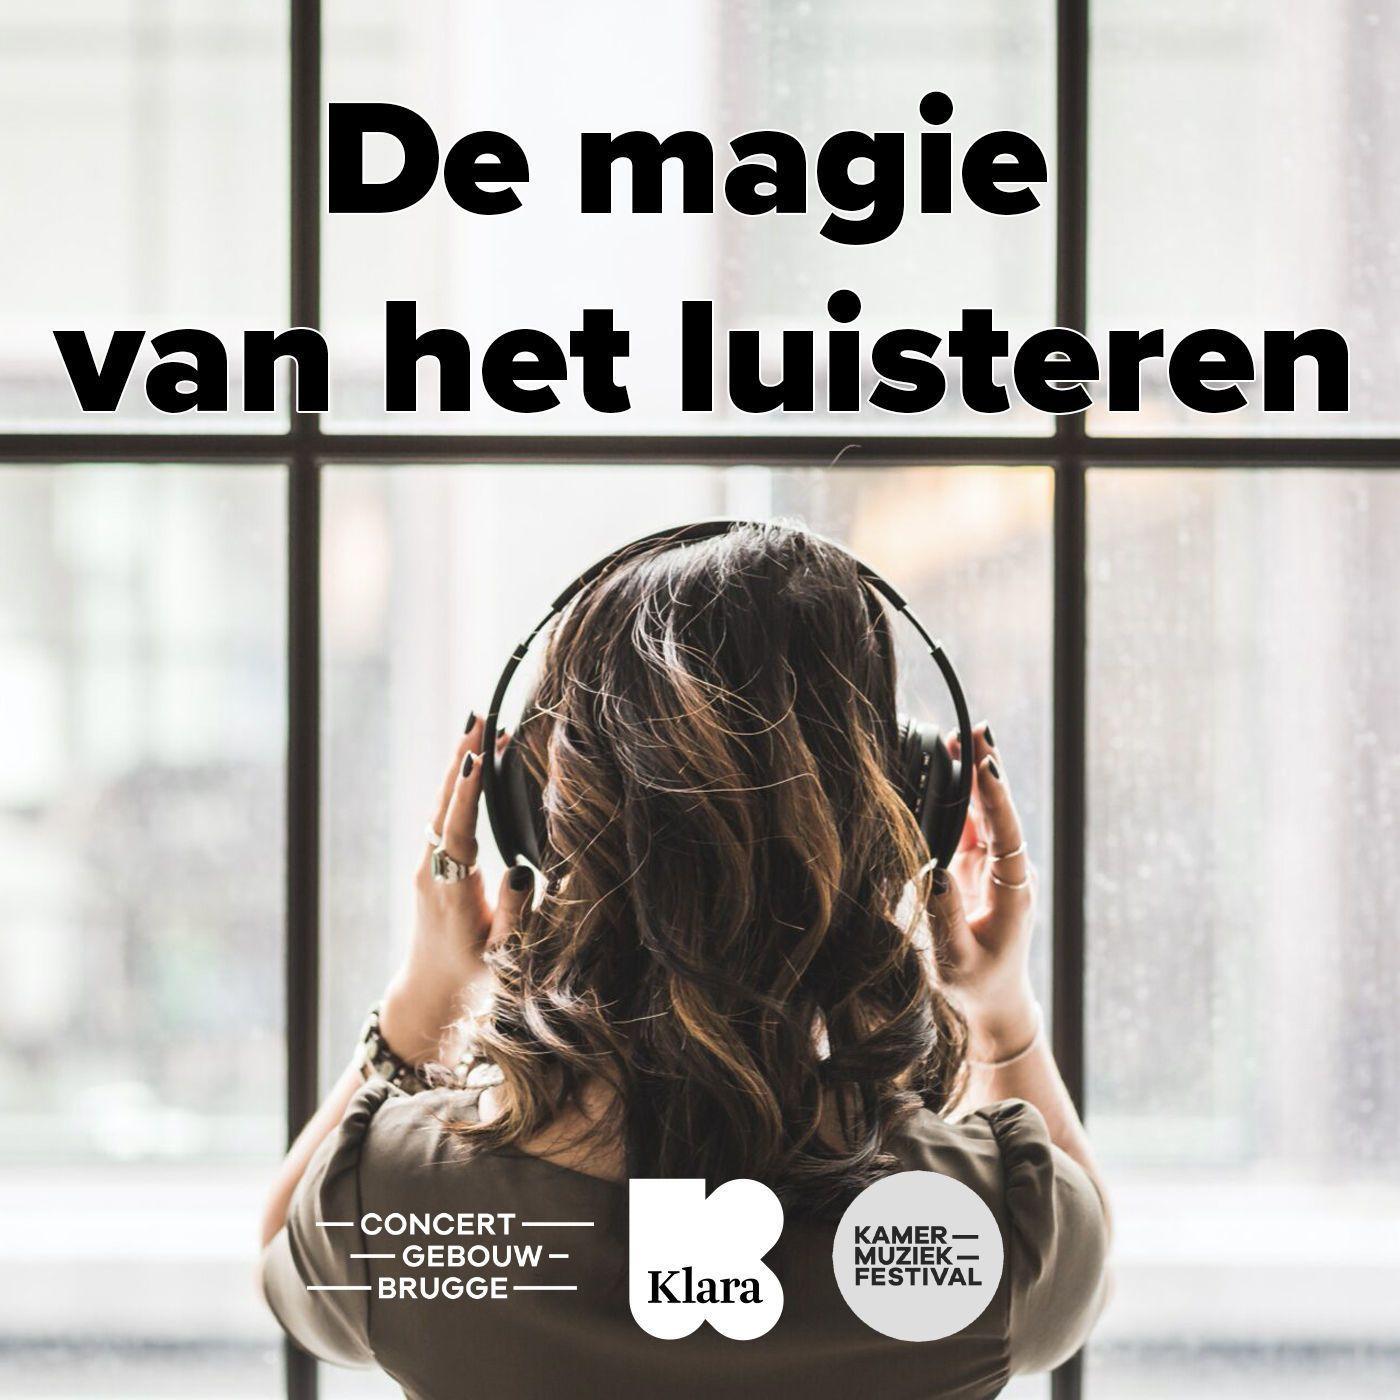 Nieuwe podcast: De magie van het luisteren | Klara - Blijf verwonderd |  Podcast, Podcasts, Strijkkwartet